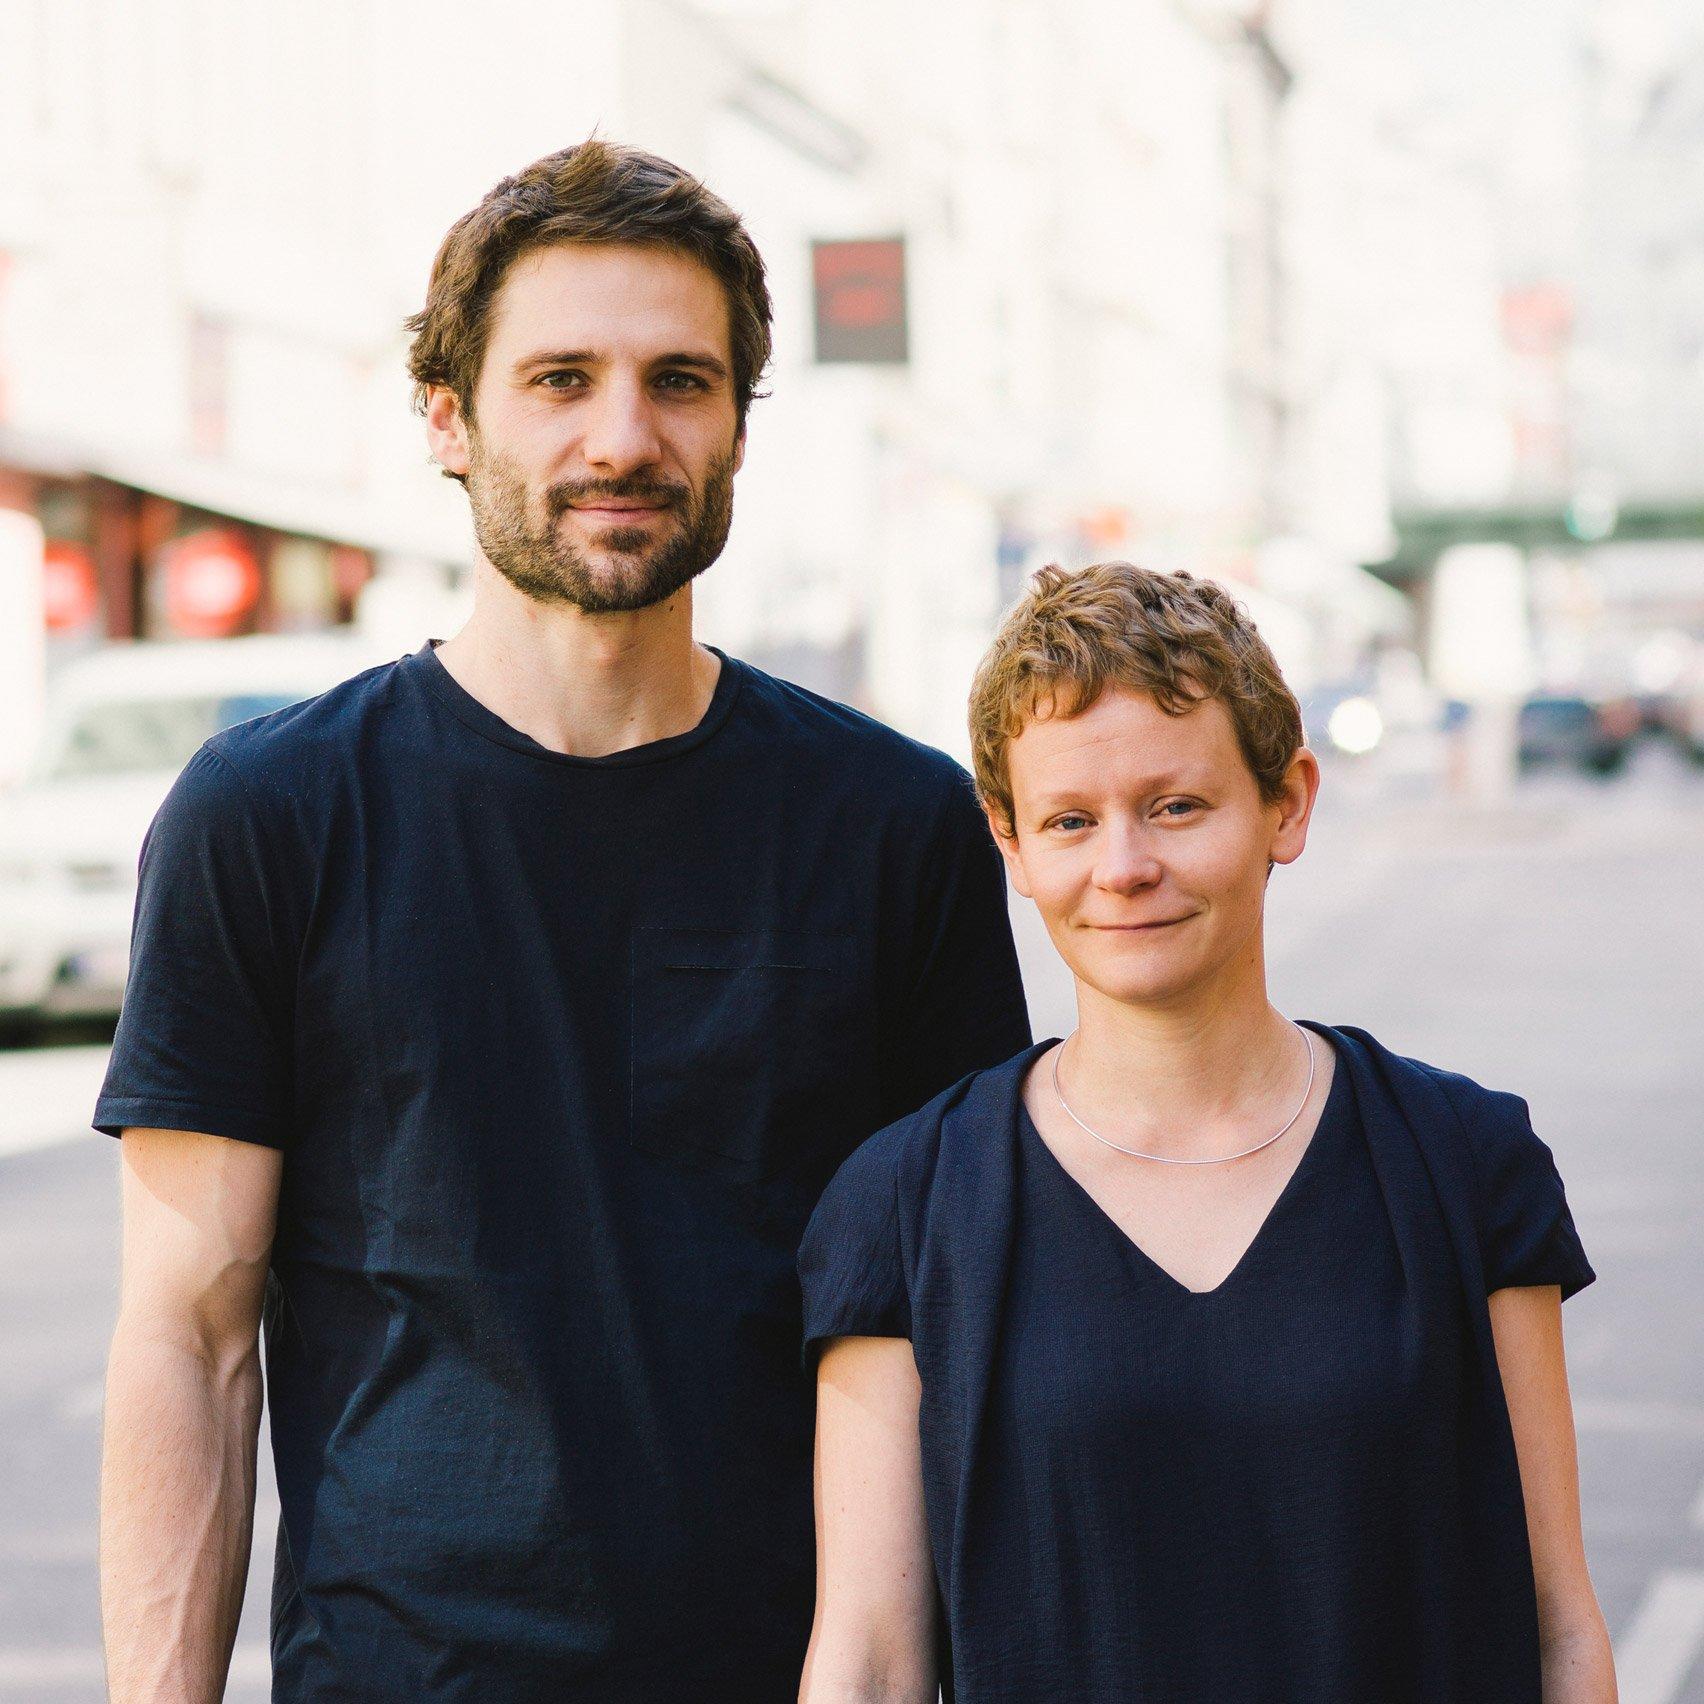 Portrait of Katharina Mischer and Thomas Traxler from Mischer'traxler studio